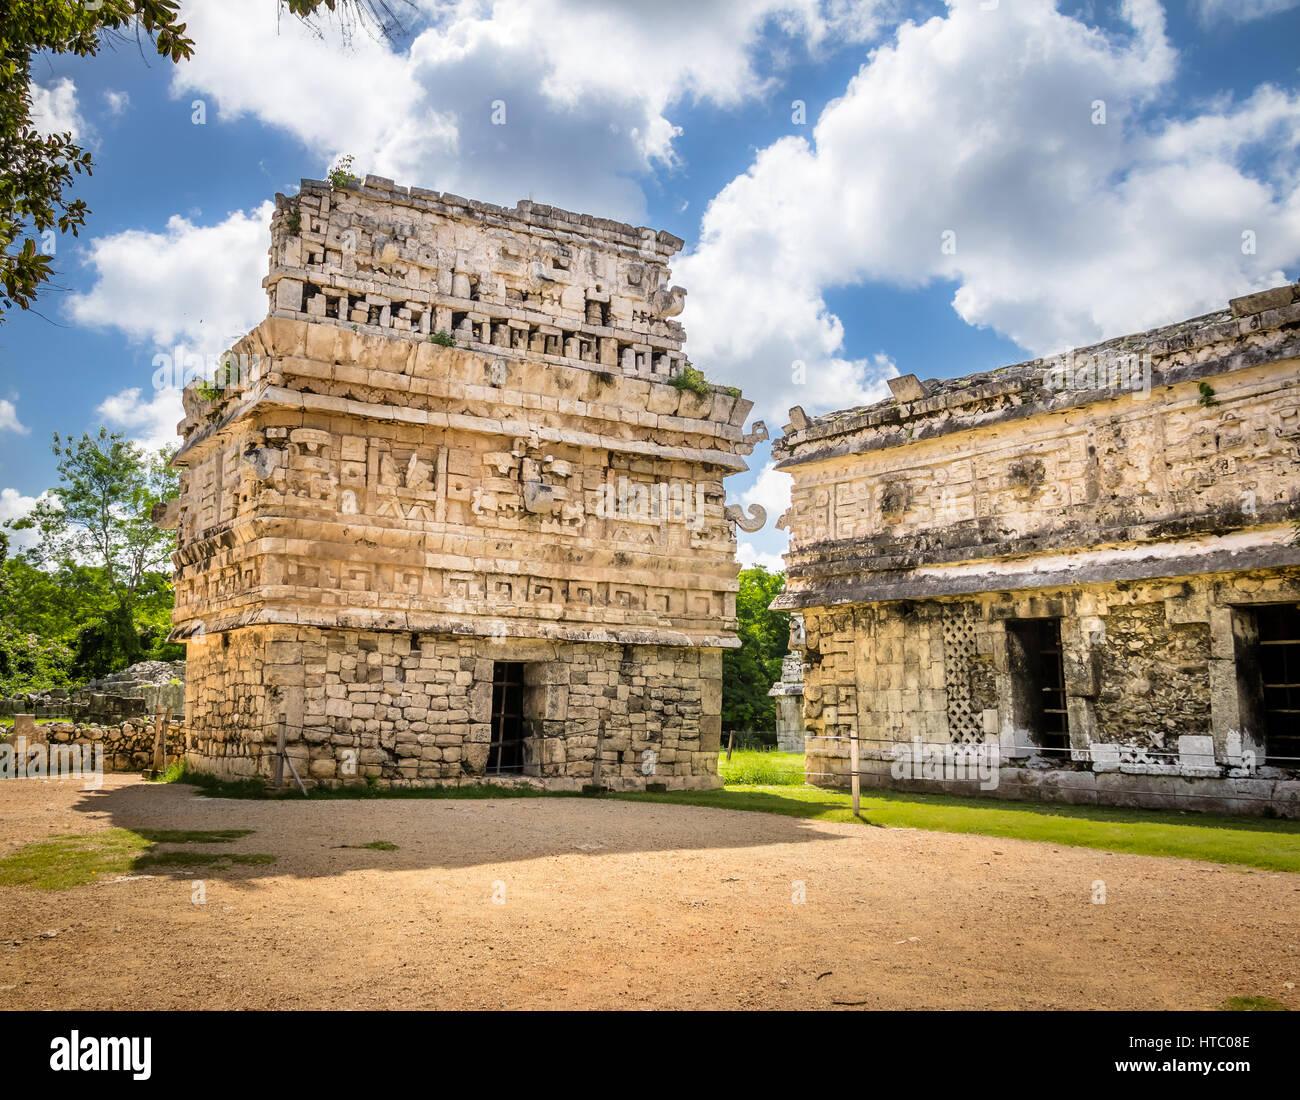 Bâtiment de l'église à Chichen Itza - Yucatan, Mexique Photo Stock